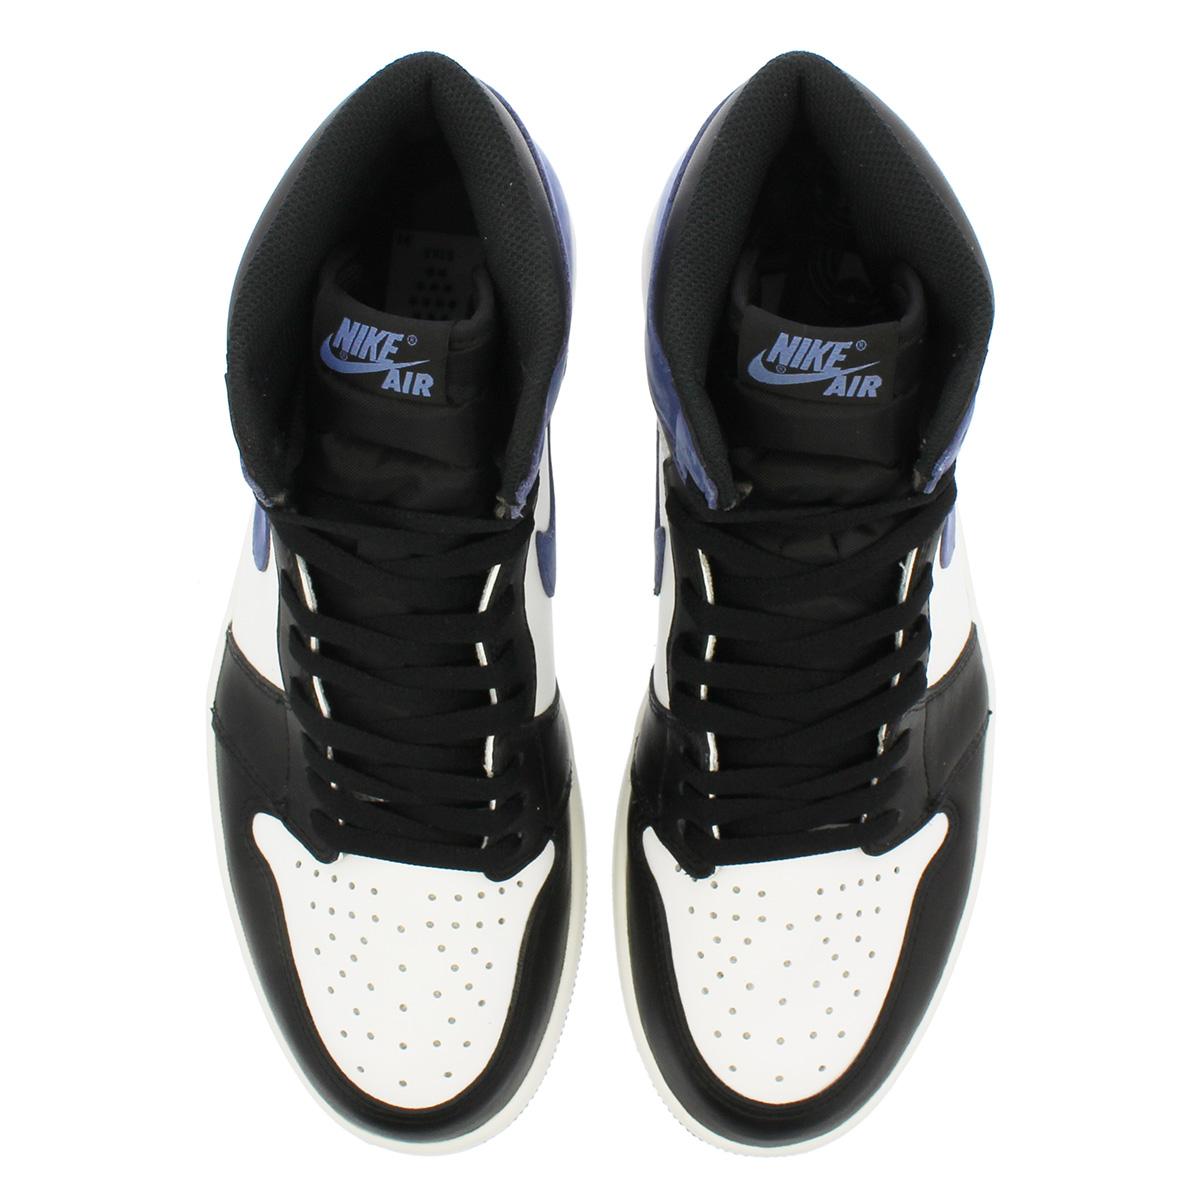 e0a58e79fbedec NIKE AIR JORDAN 1 RETRO HIGH OG Nike Air Jordan 1 nostalgic high OG SUMMIT  WHITE BLUE MOON BLACK 555